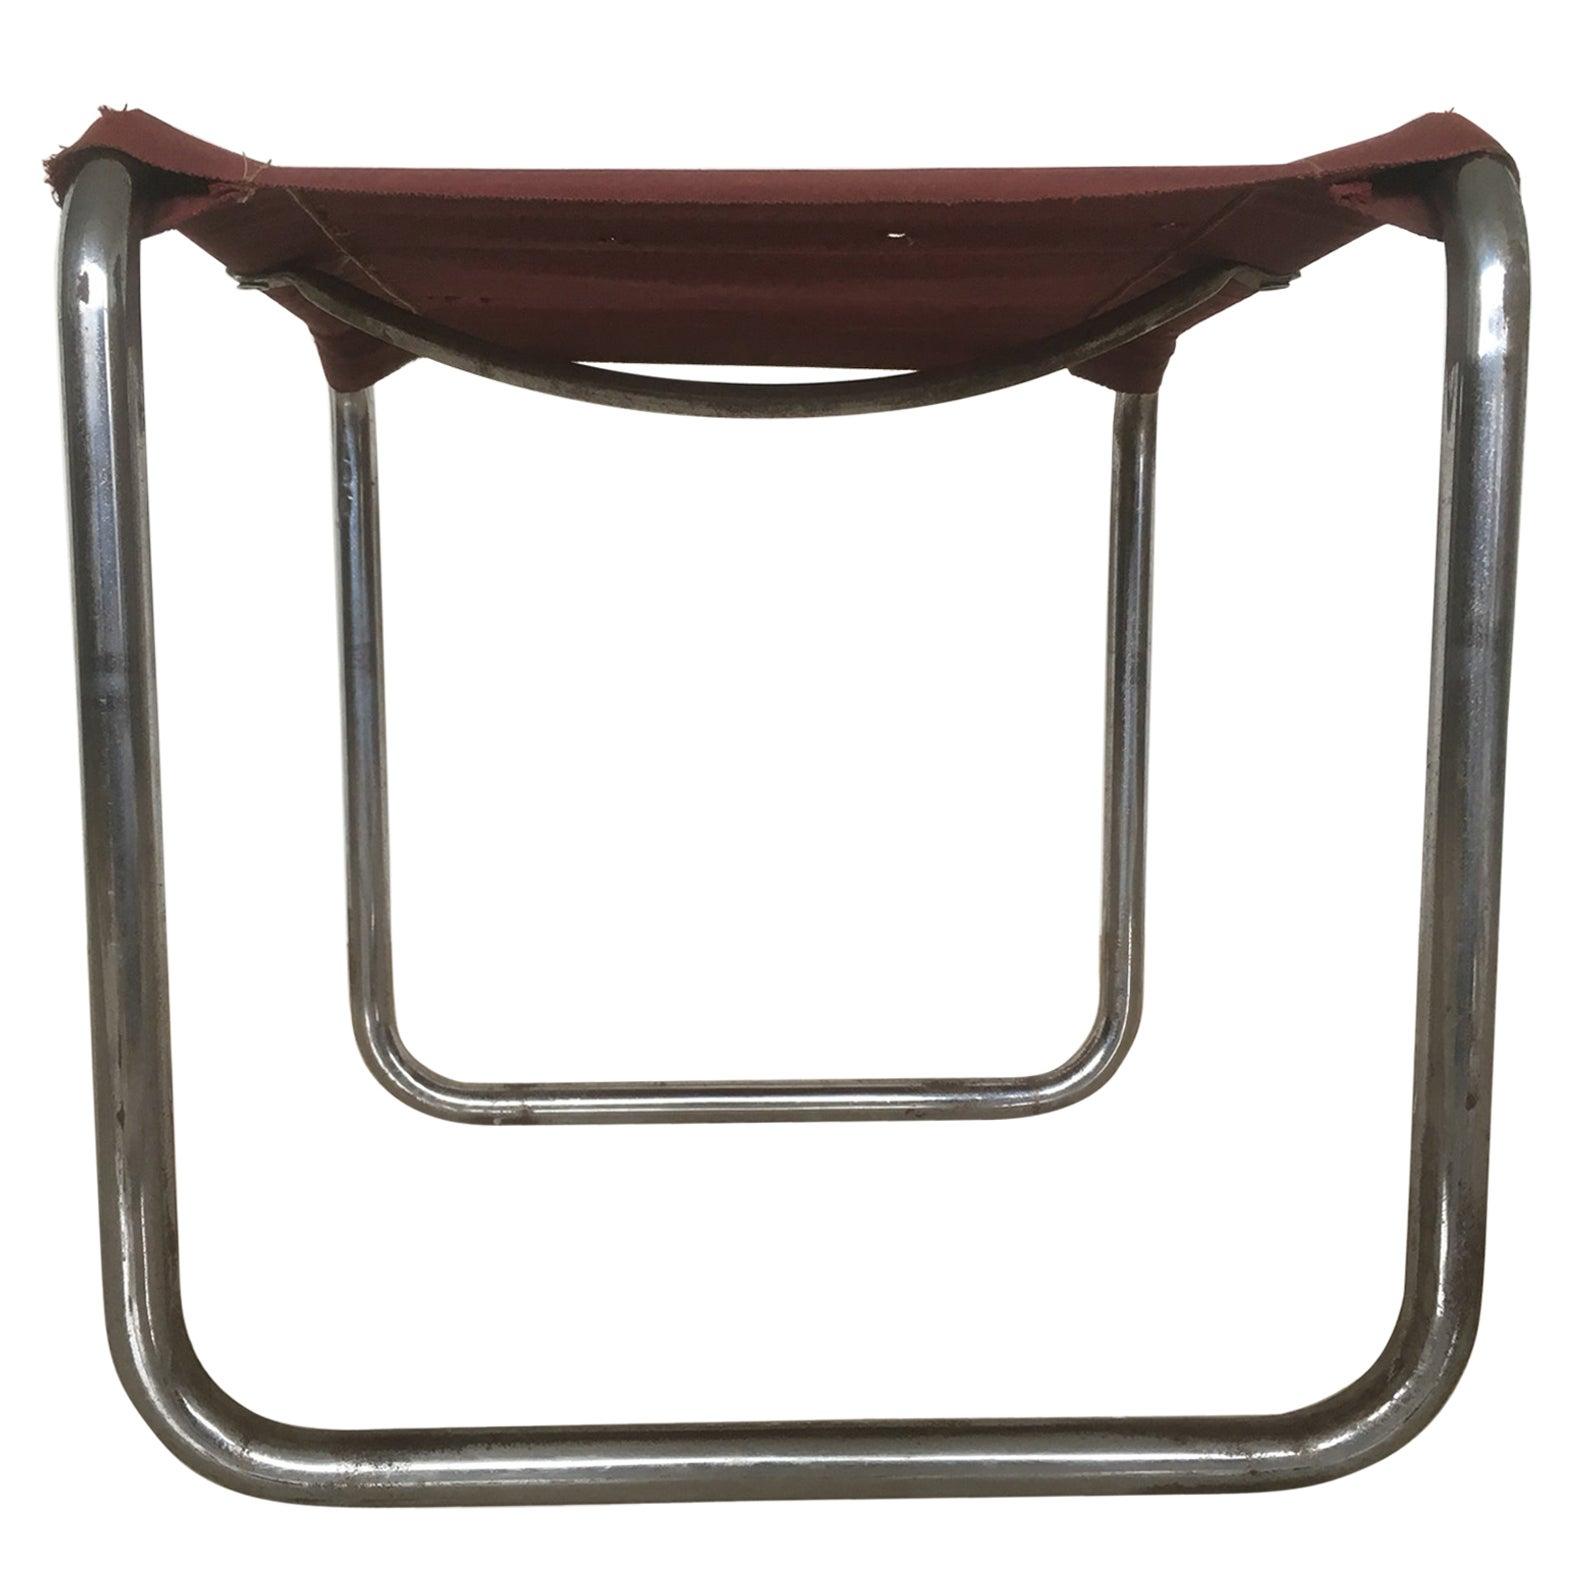 Rare Marcel Breuer Chrome Bauhaus Stool, 1930s / Thonet